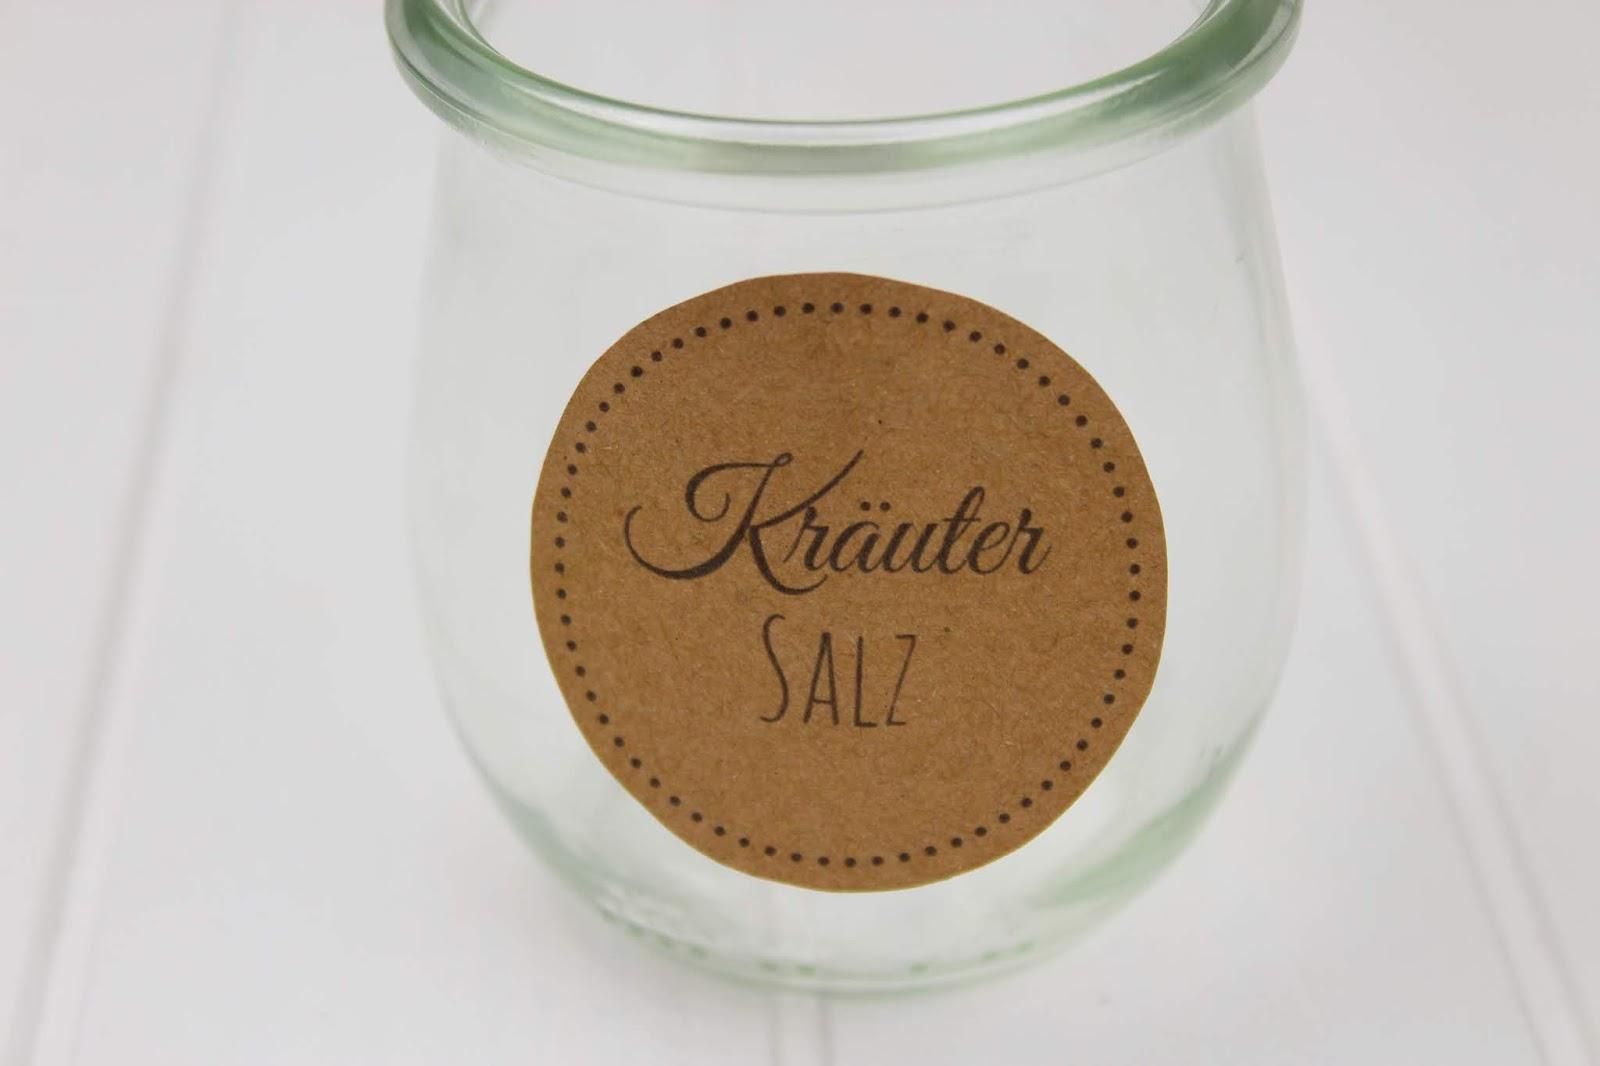 Rezept - Kräutersalz mit Basilikum, Rosmarin und Thymian ganz einfach selber machen - super Geschenkidee